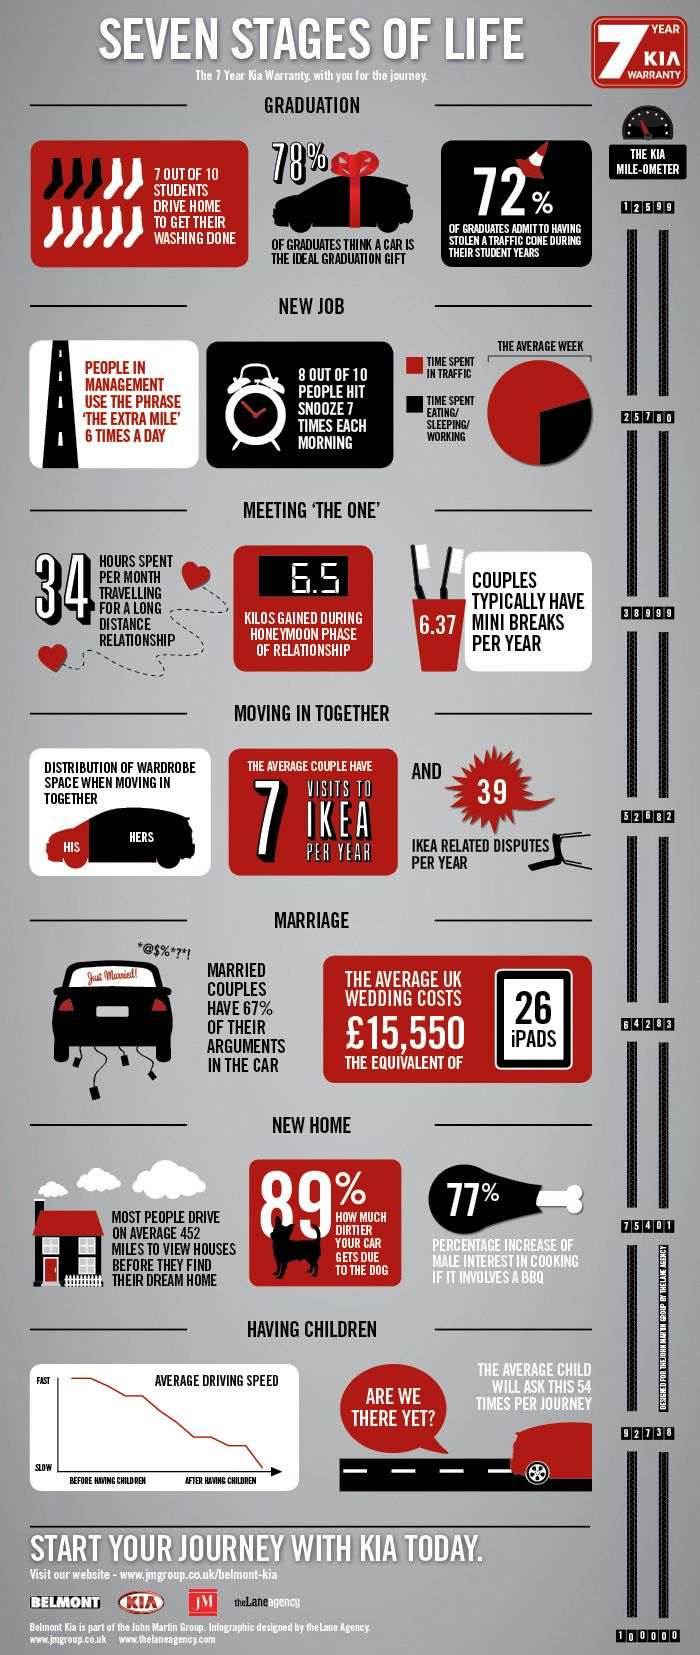 Las 7 etapas de la vida   #infografia #infographic